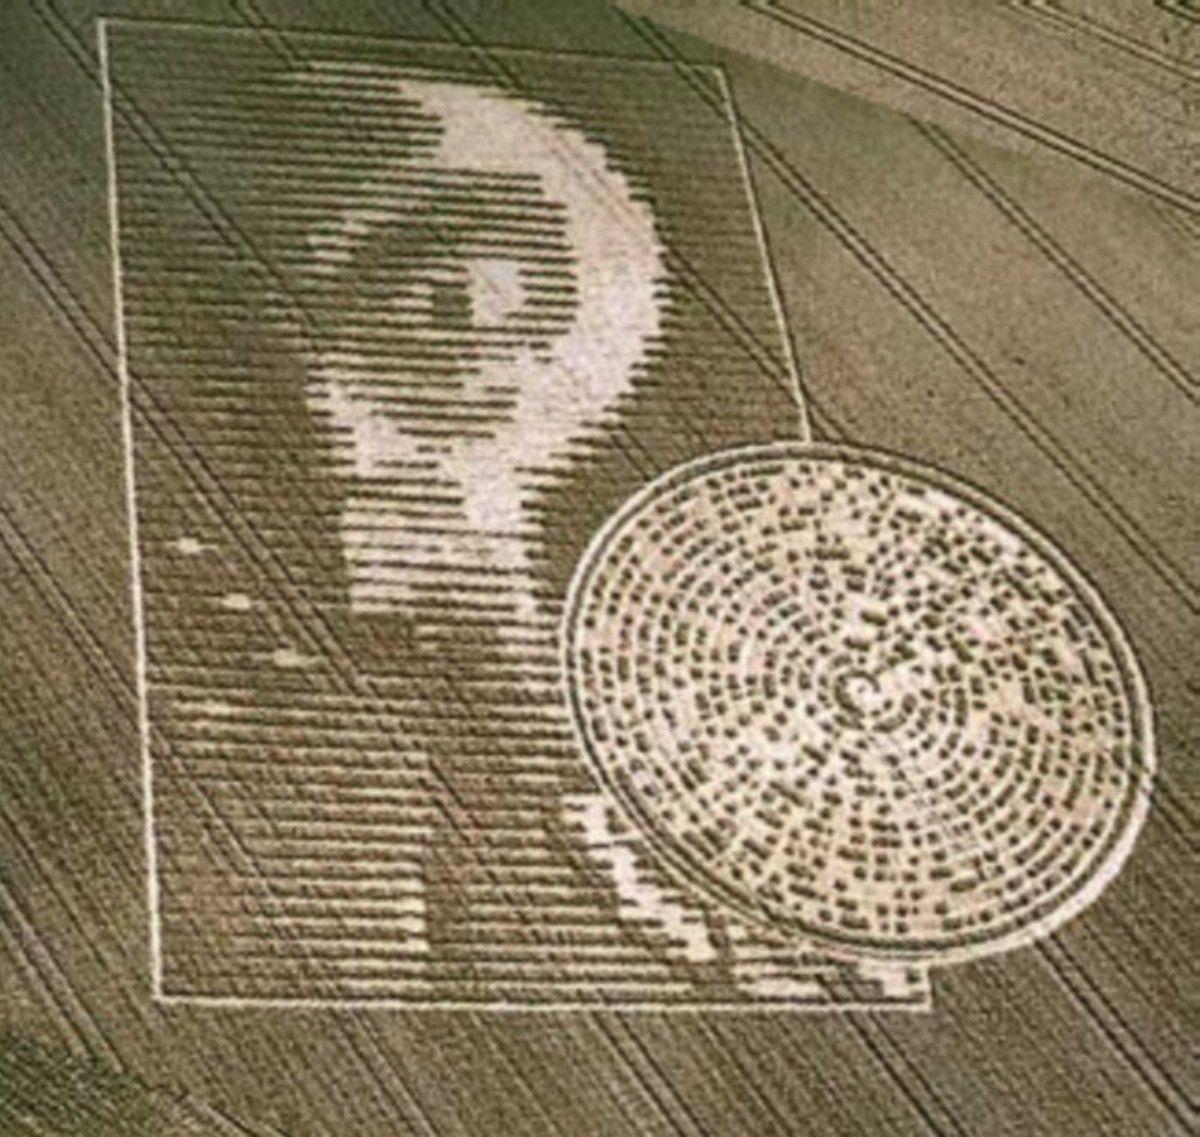 alien crop circle response -#main